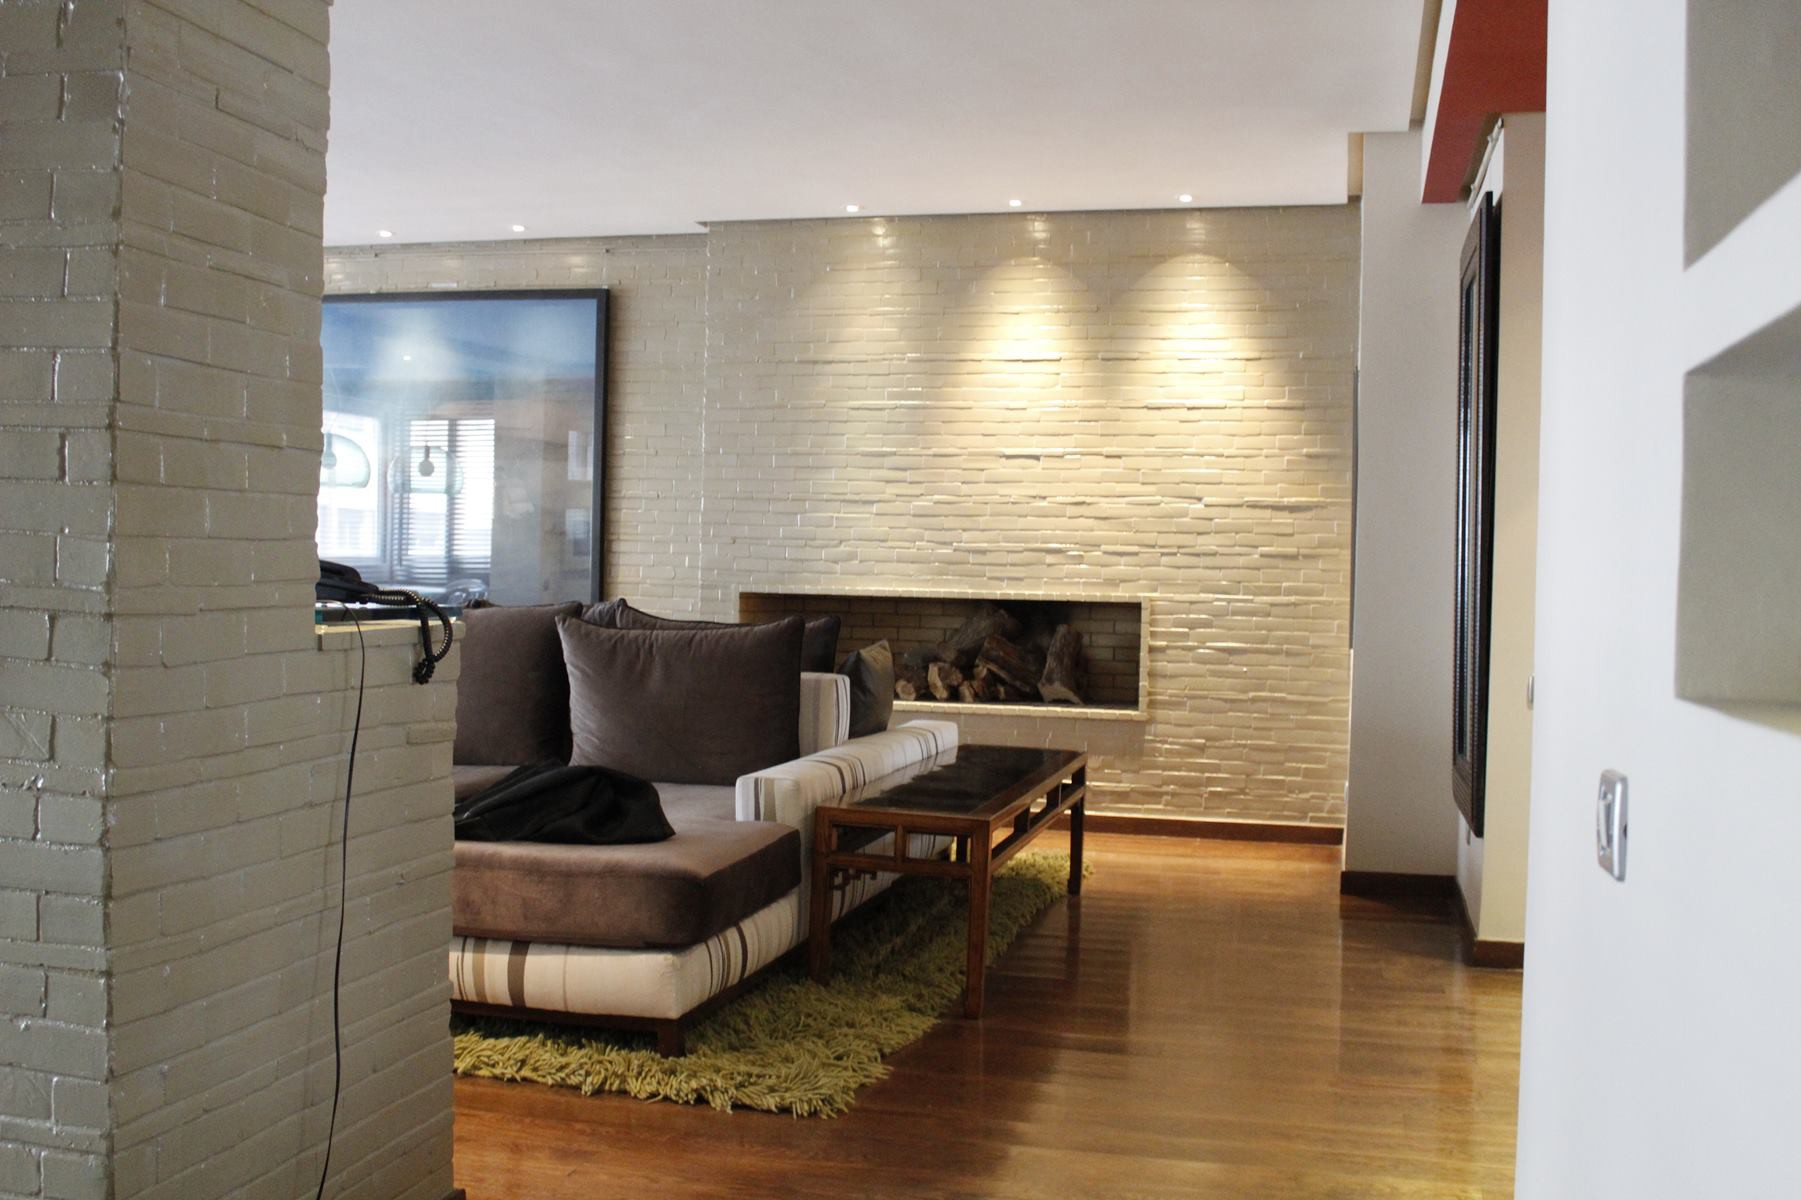 CASA, Gautier, à louer chaleureux appartement très raffiné